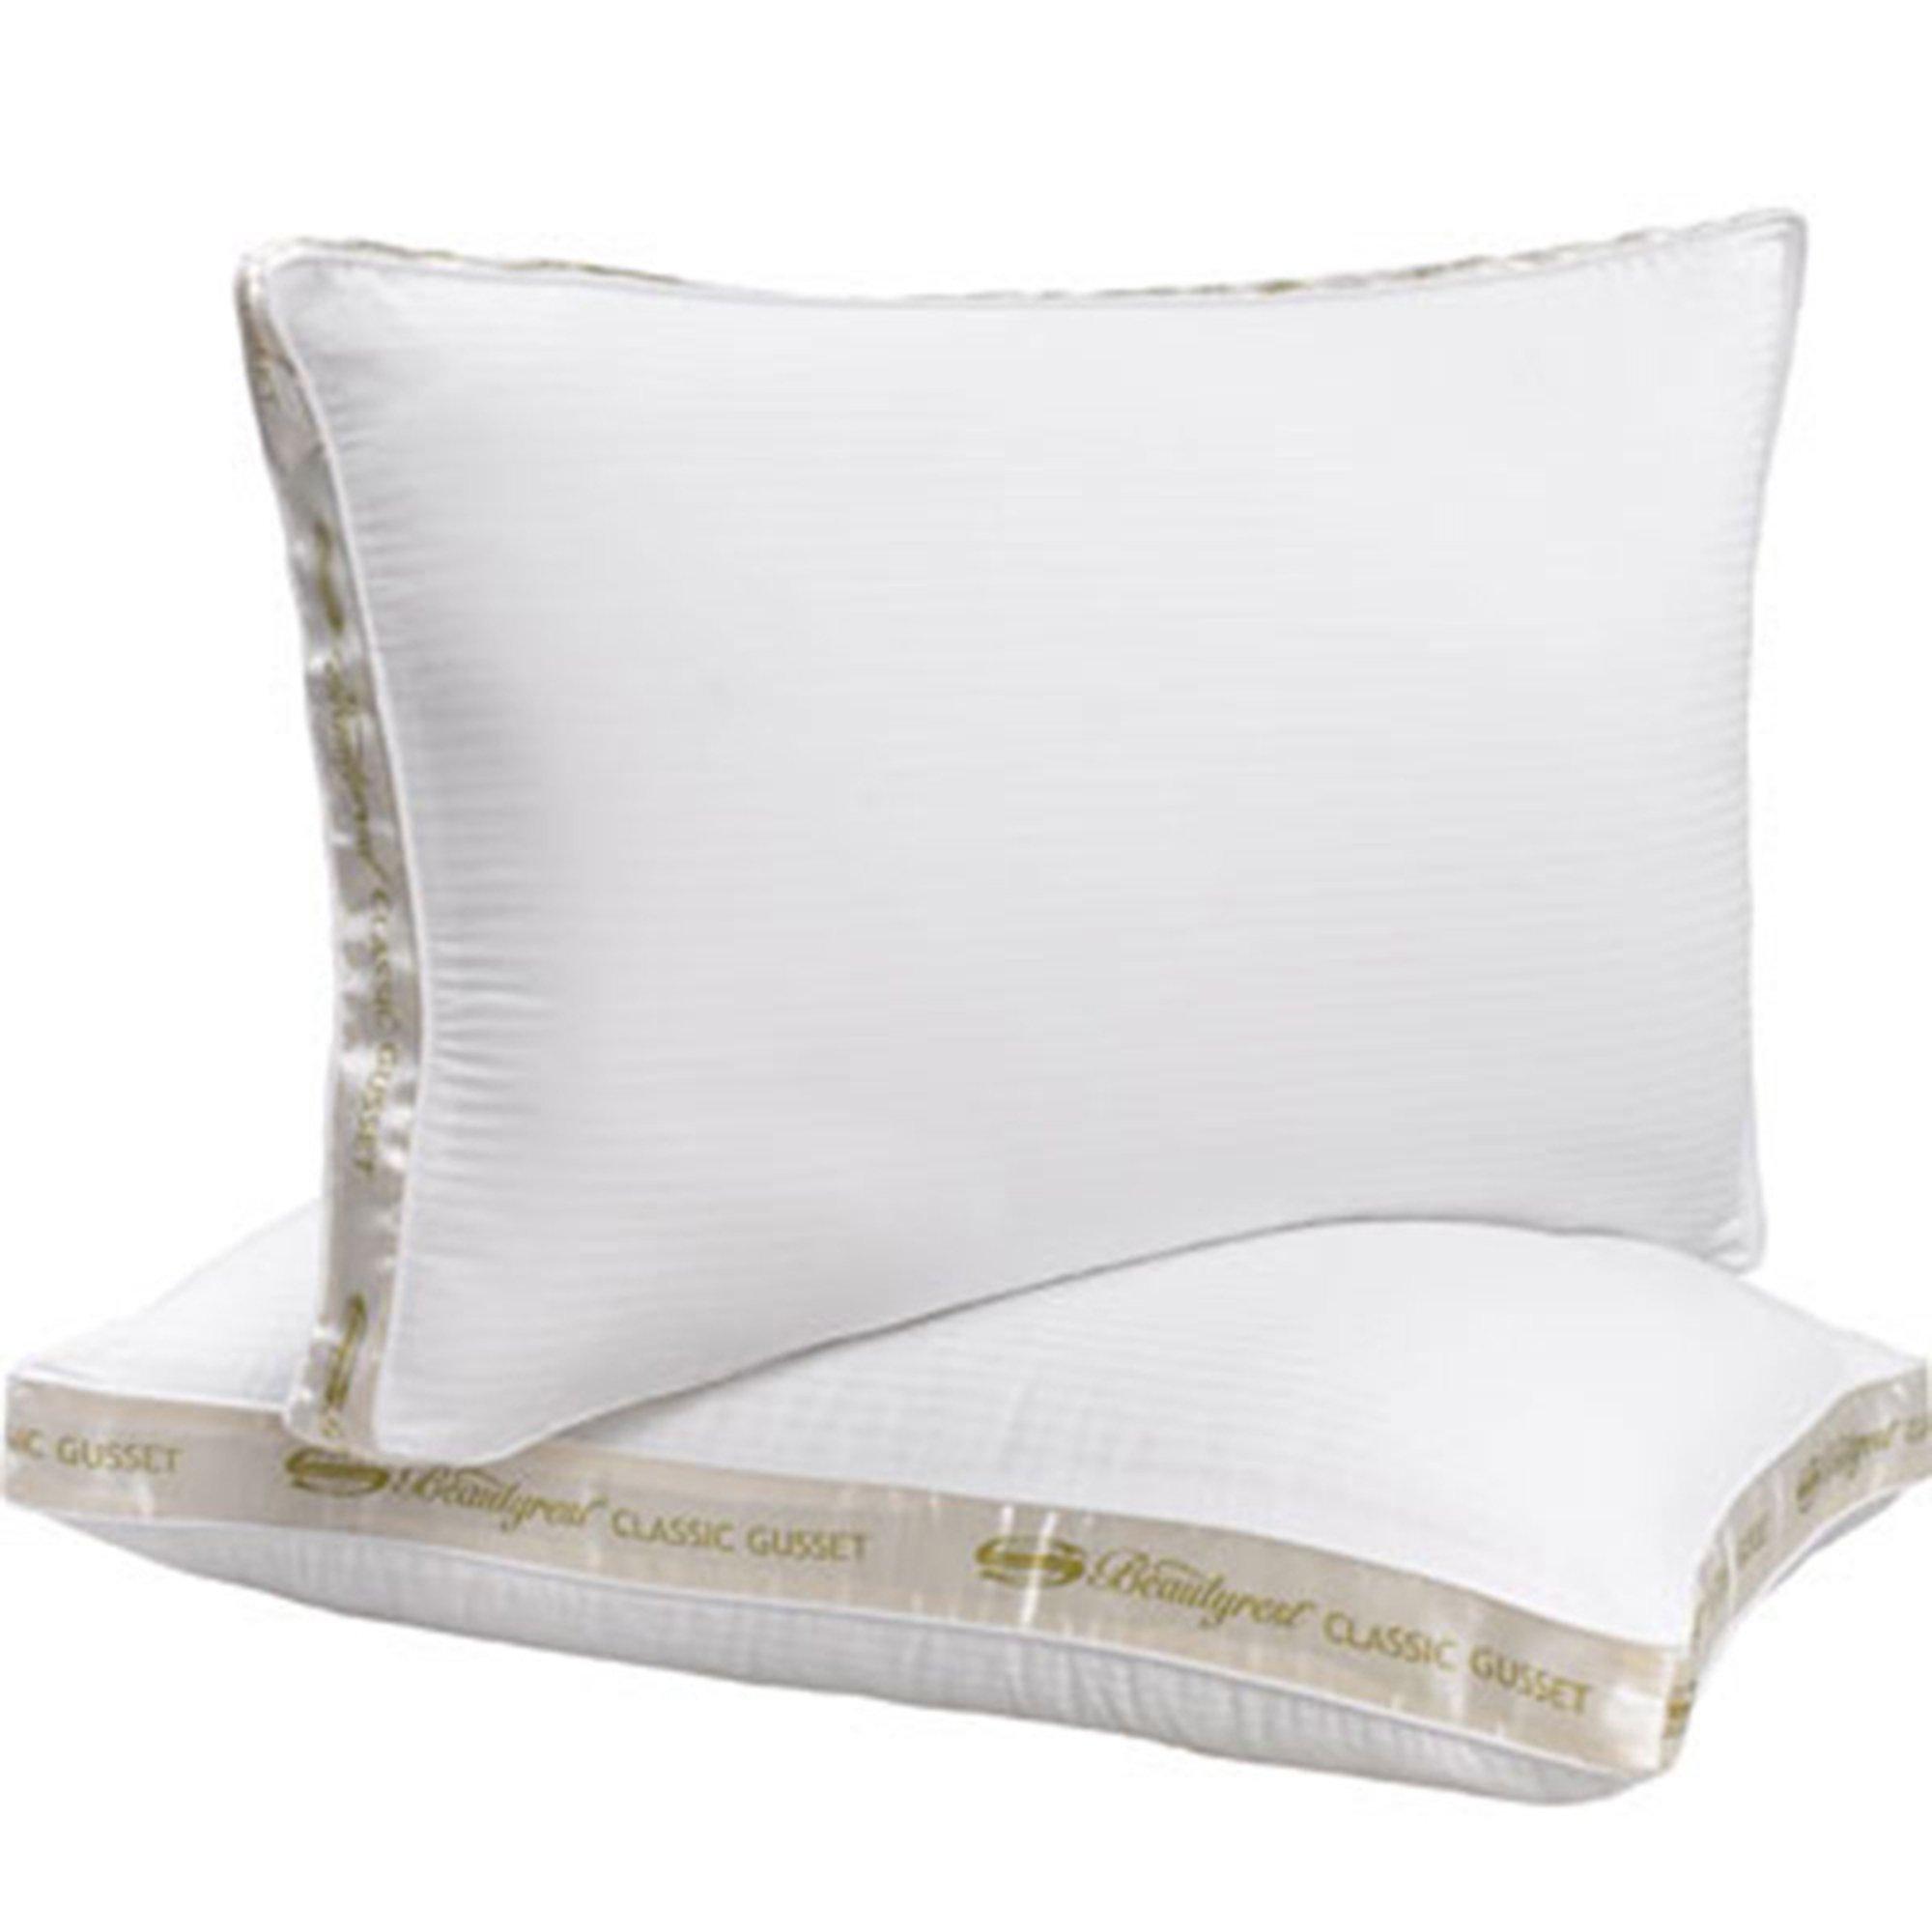 Beautyrest Medium Support Pillow  Standard  Bed Pillows